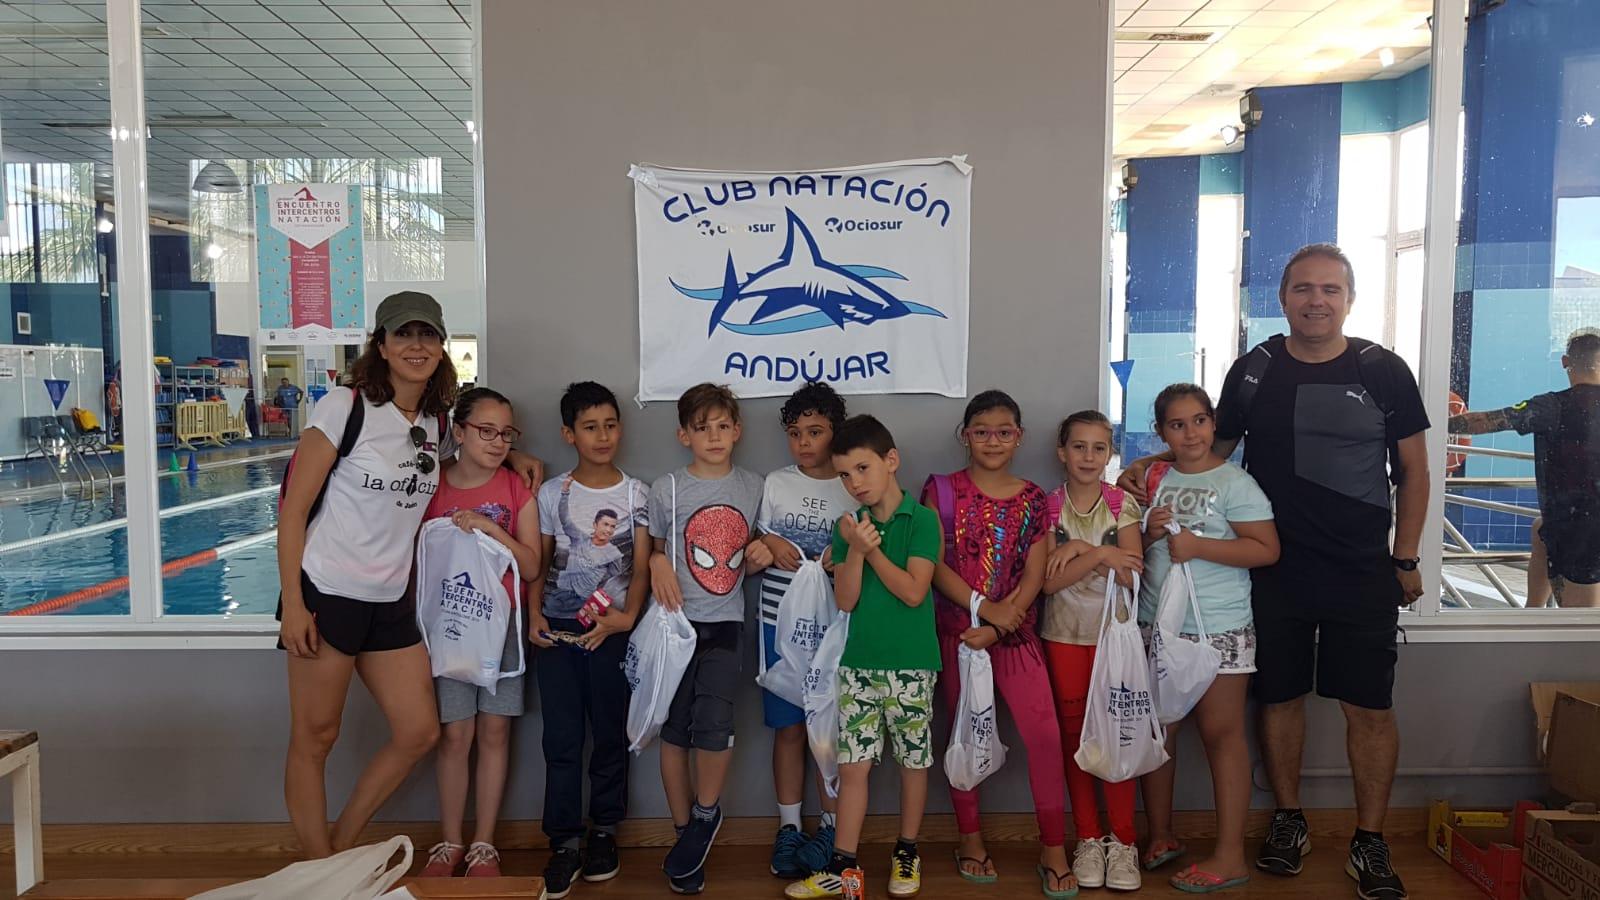 Gran respuesta en Andújar al I Torneo de Natación Intercentros